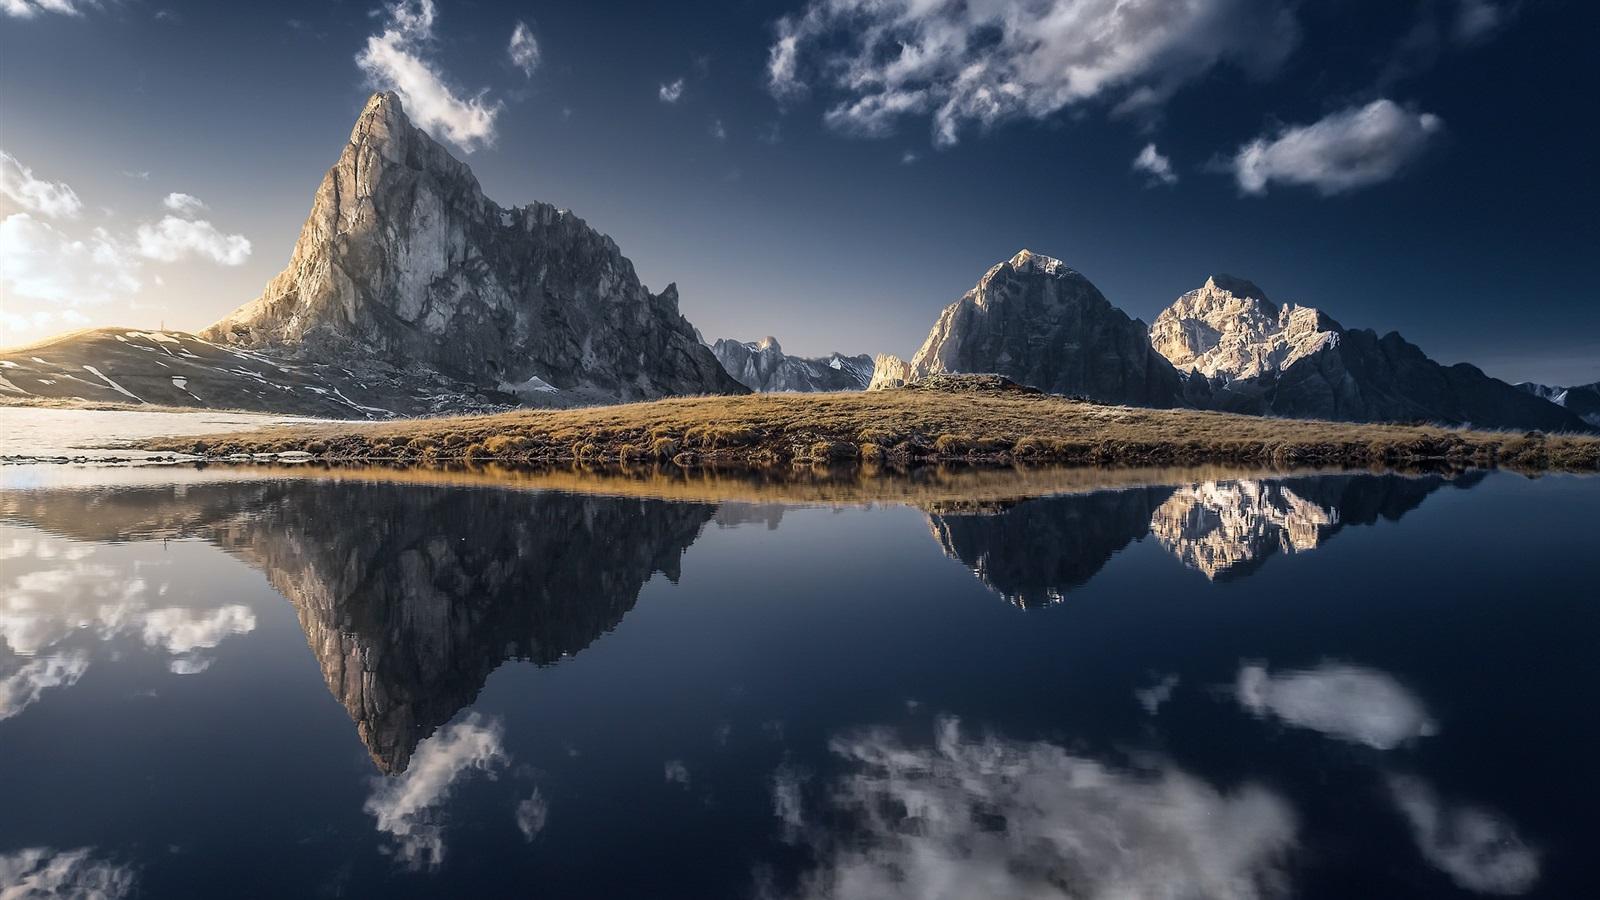 Fondos De Pantalla Montañas Lago Reflejo Del Agua Hierba